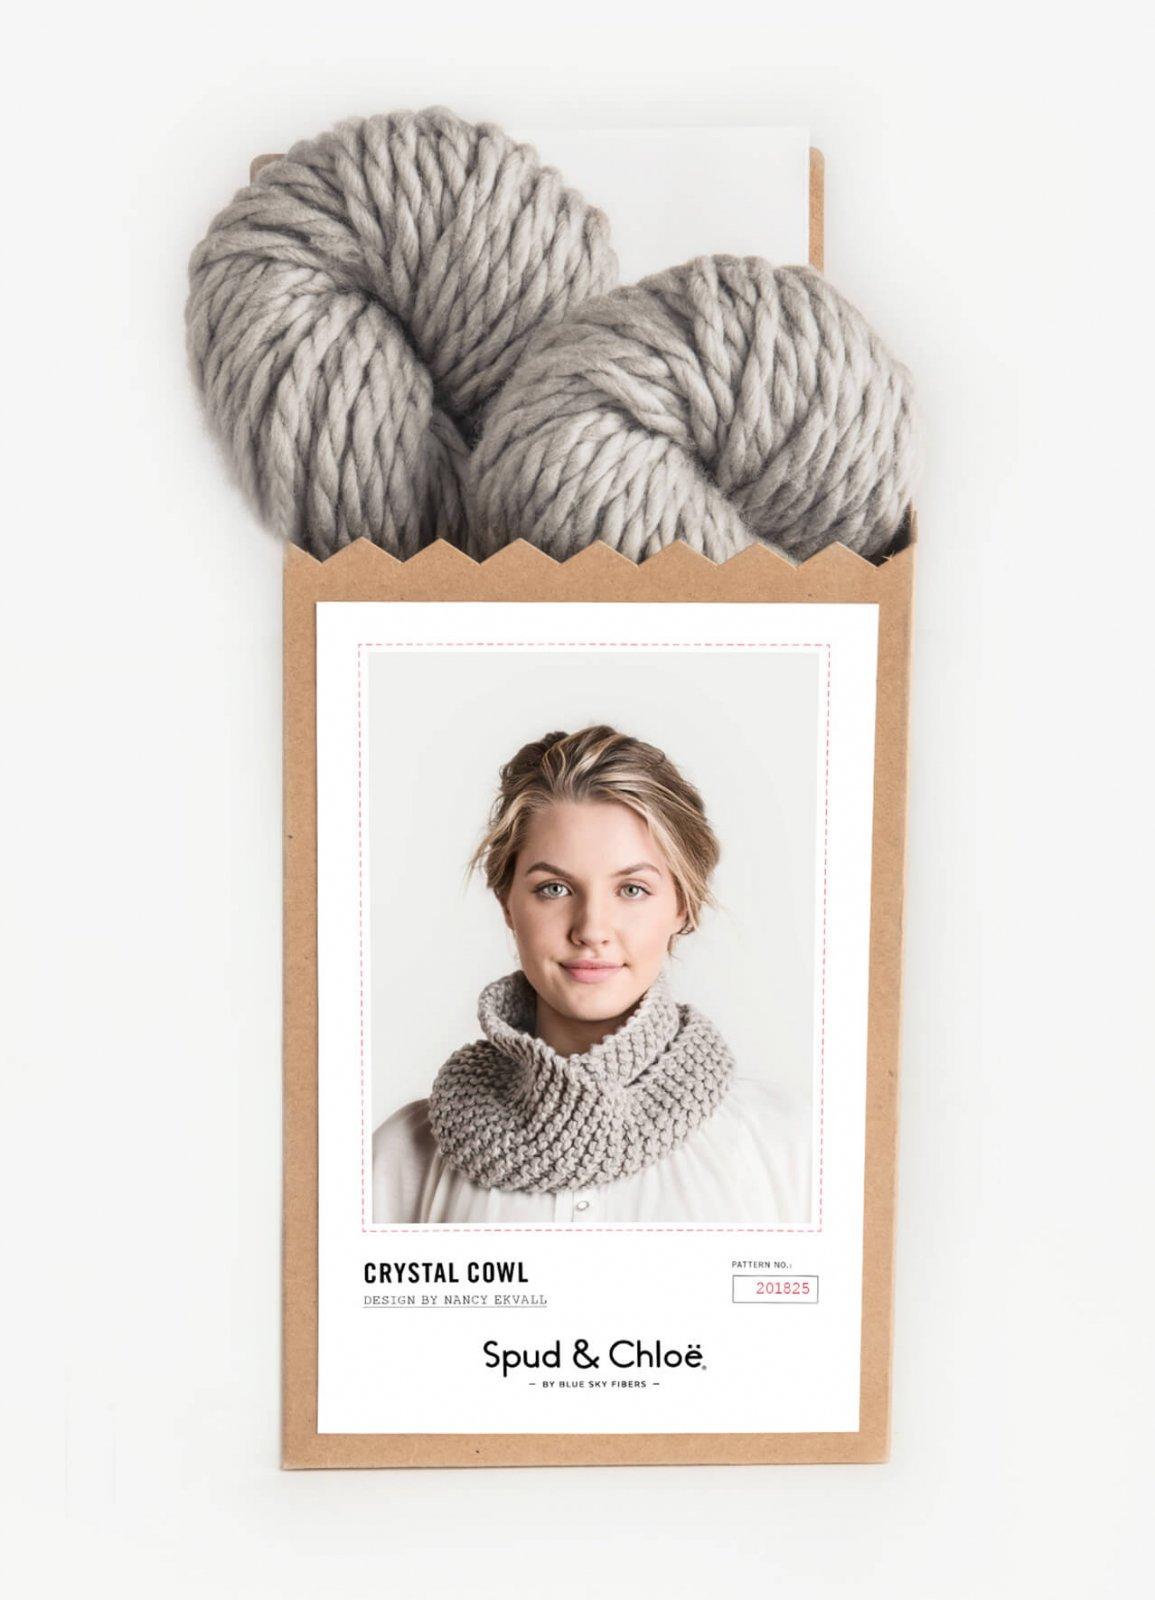 Crystal Cowl Kit by Spud & Chloe